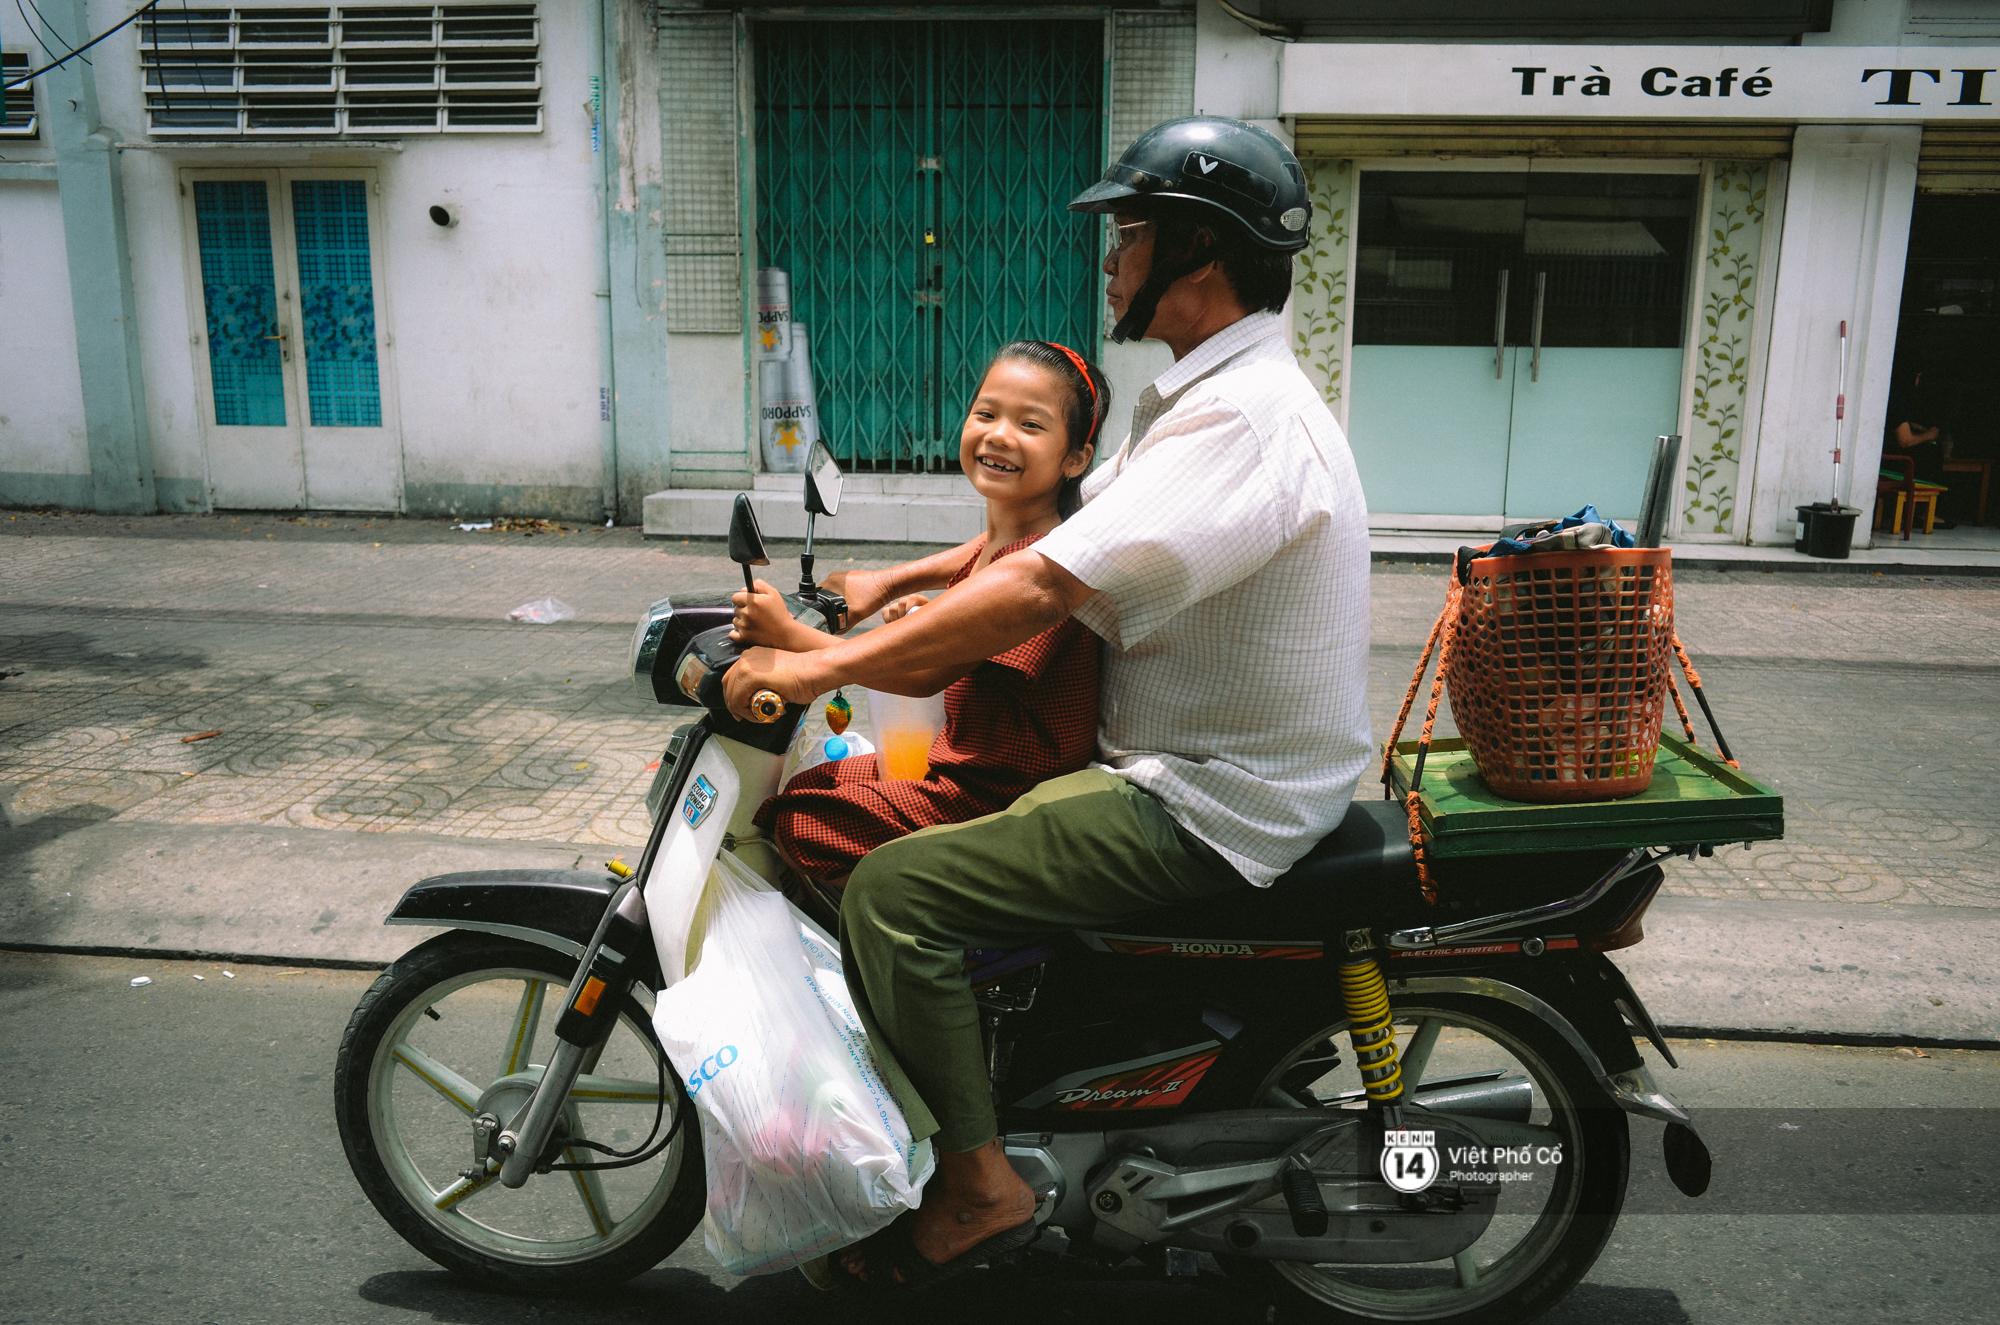 Gia đình vé số Sài Gòn: Ba mẹ ăn chuối luộc thay cơm, hai con gái không biết đến thịt cá - Ảnh 7.